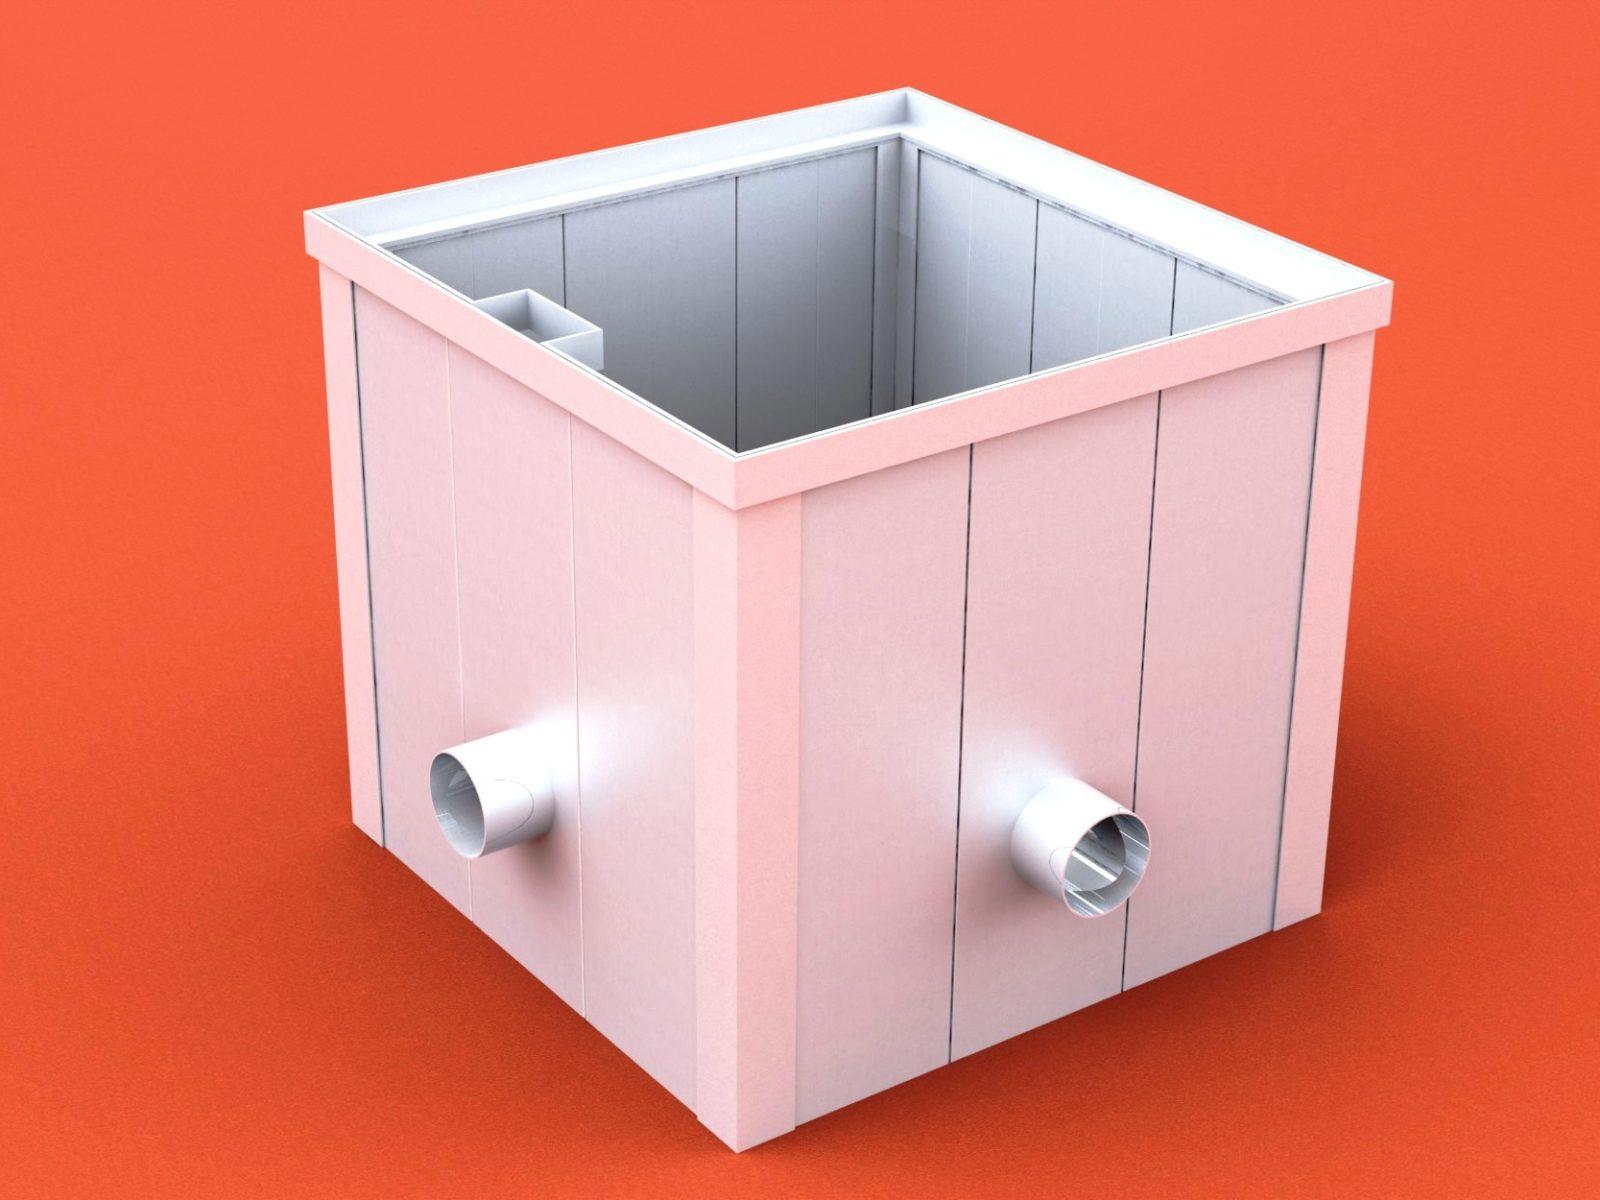 Verteilerschacht Typ E aus Aluminium mit Deckel, Abmessung: 600/600/600 mm von artec